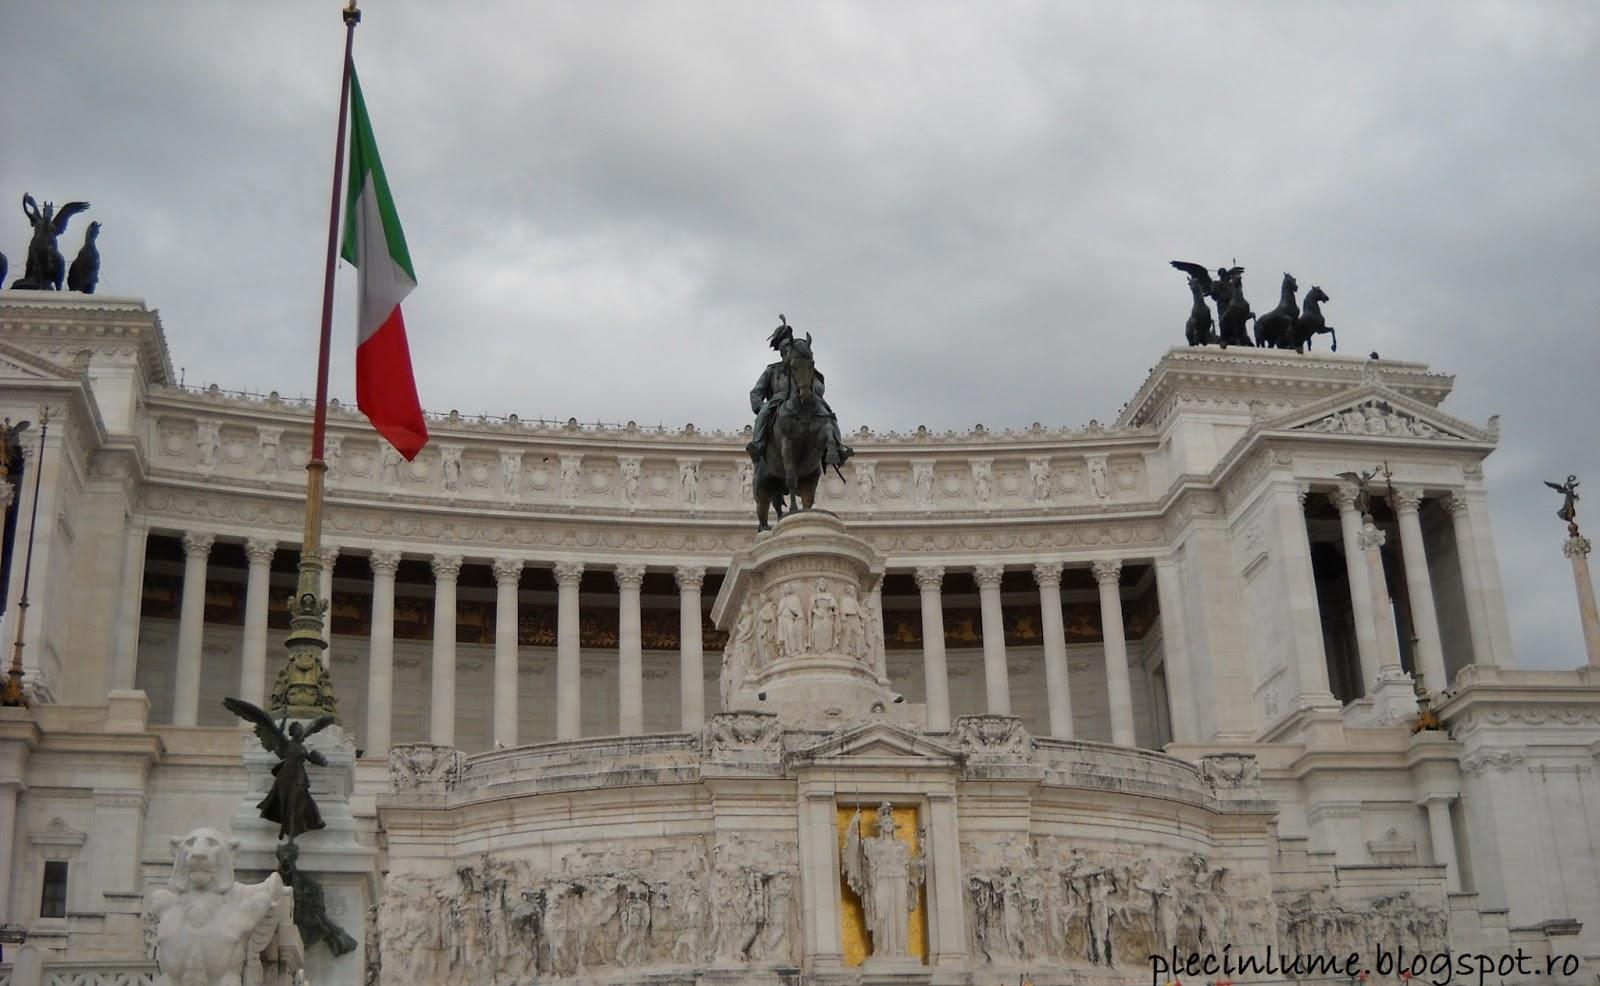 Monumentul Vittorio Emanuelle II